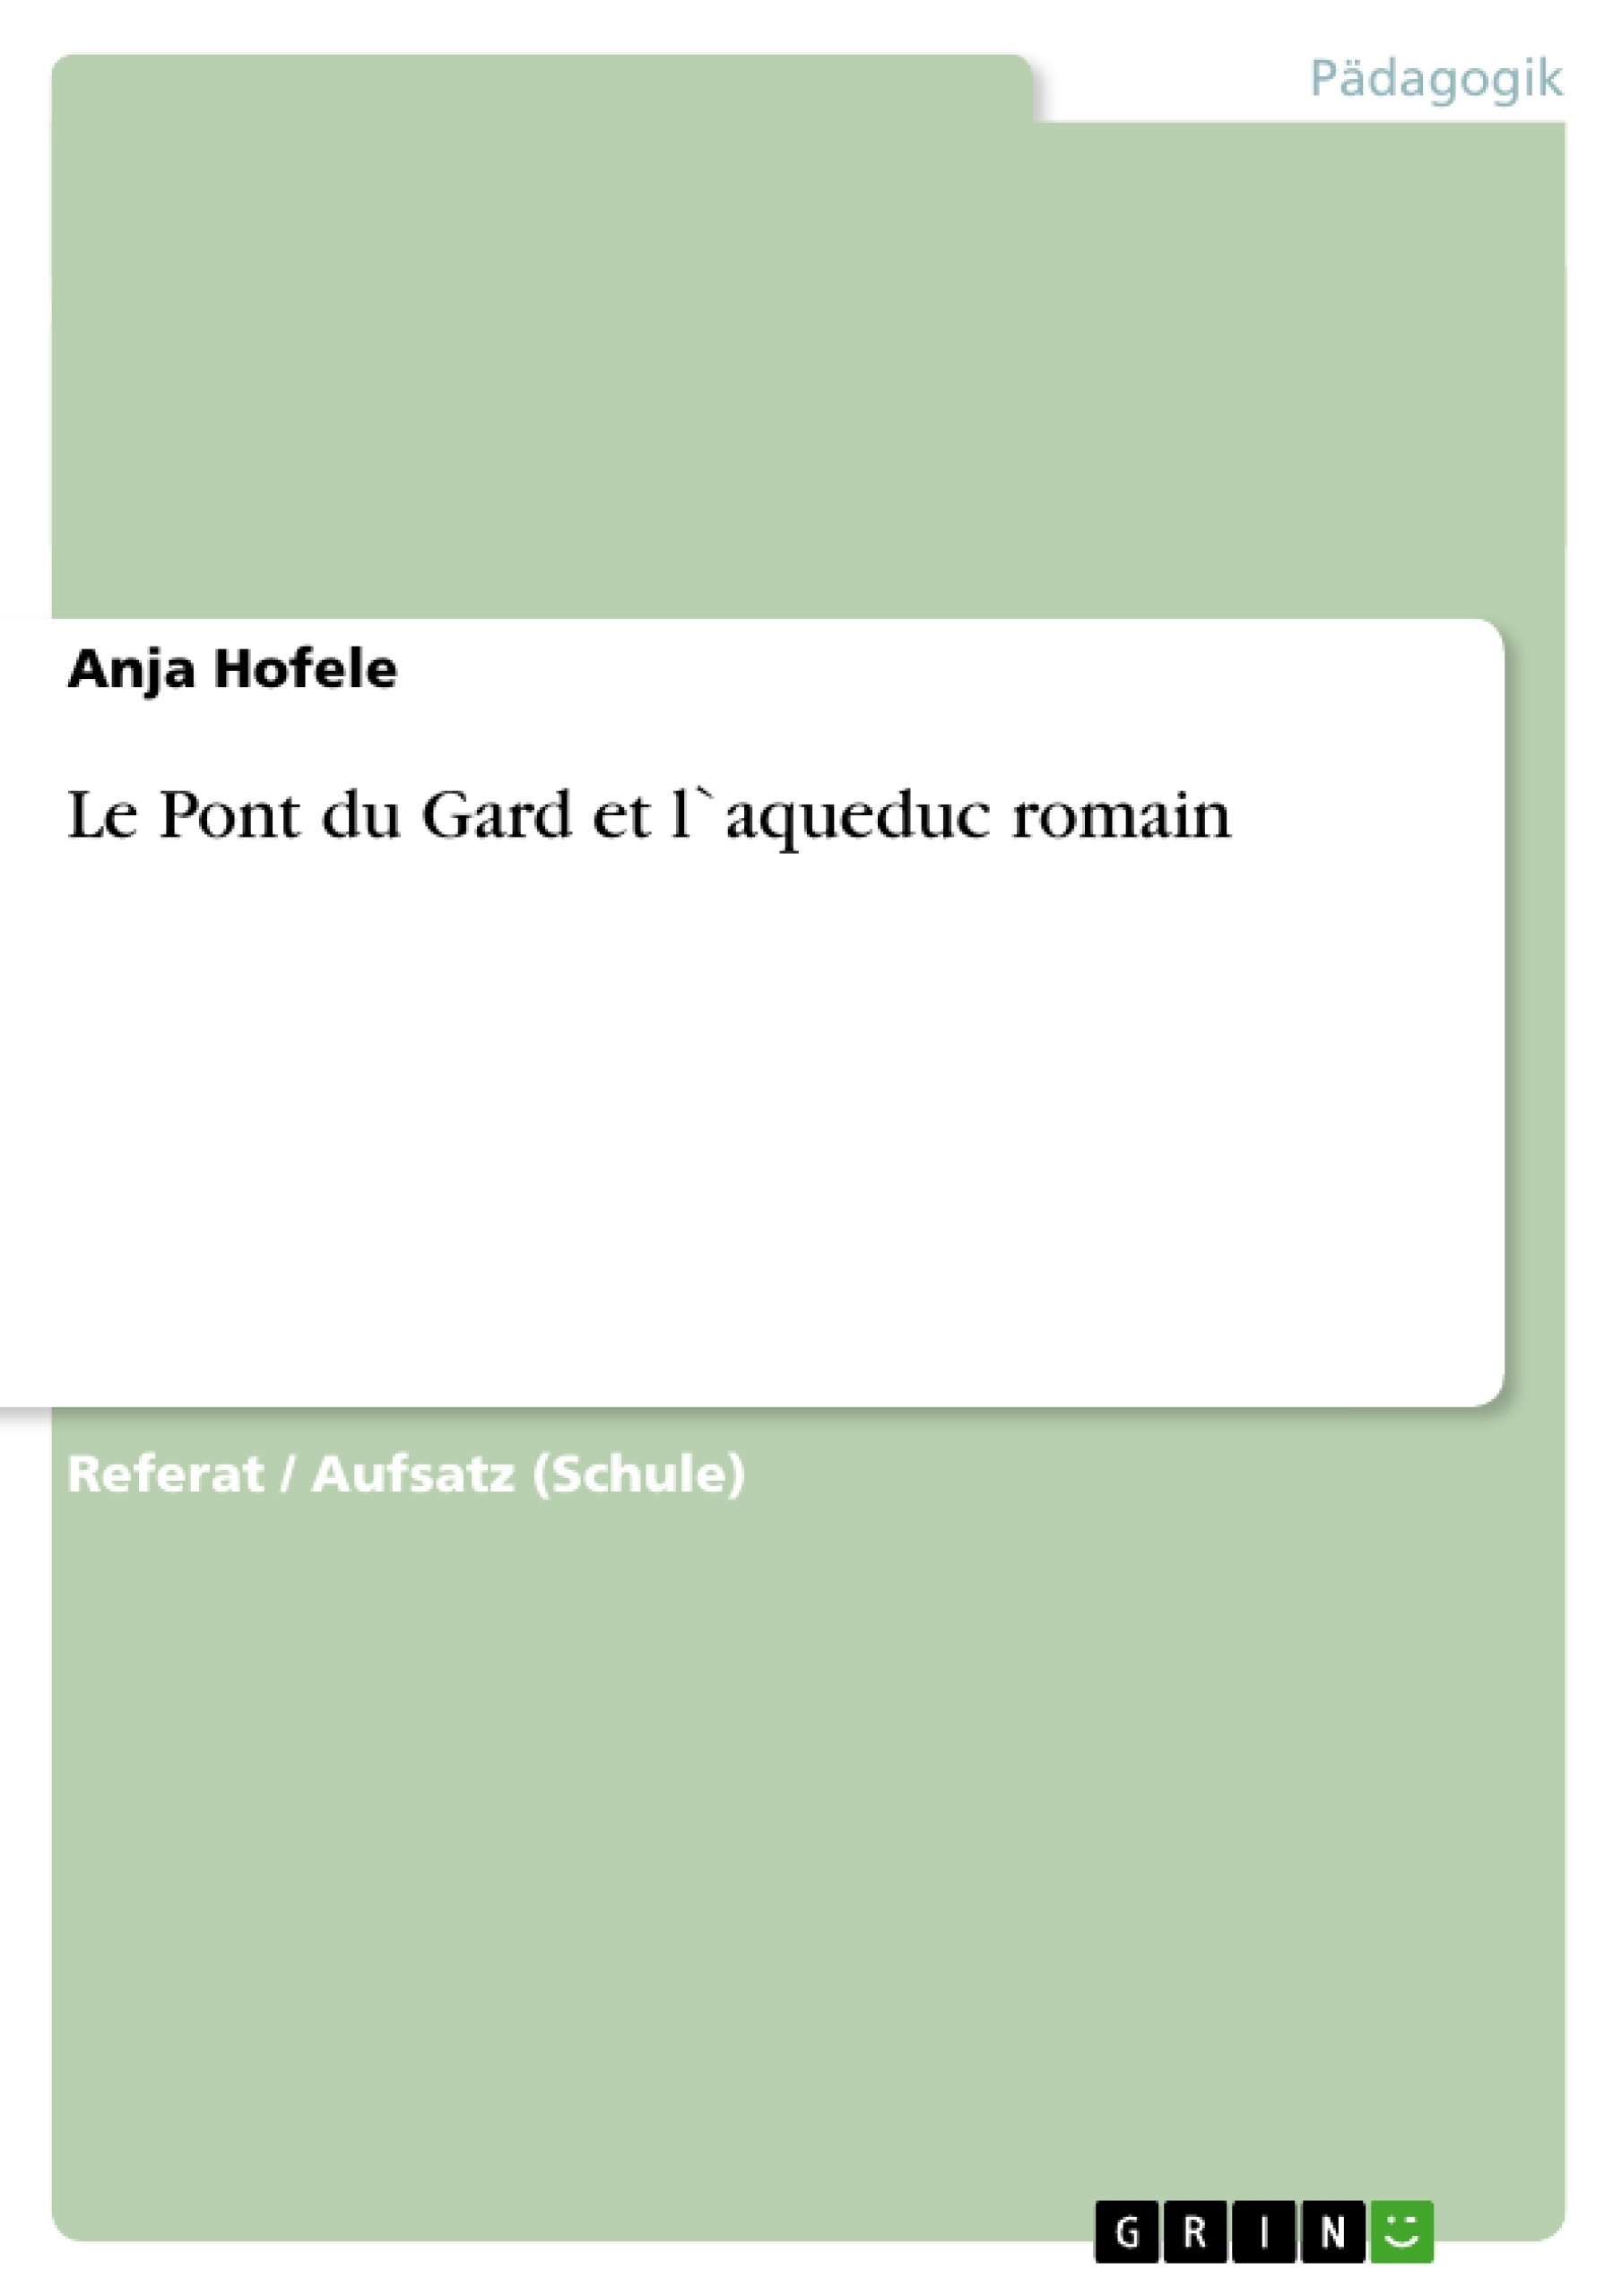 Titel: Le Pont du Gard et l`aqueduc romain